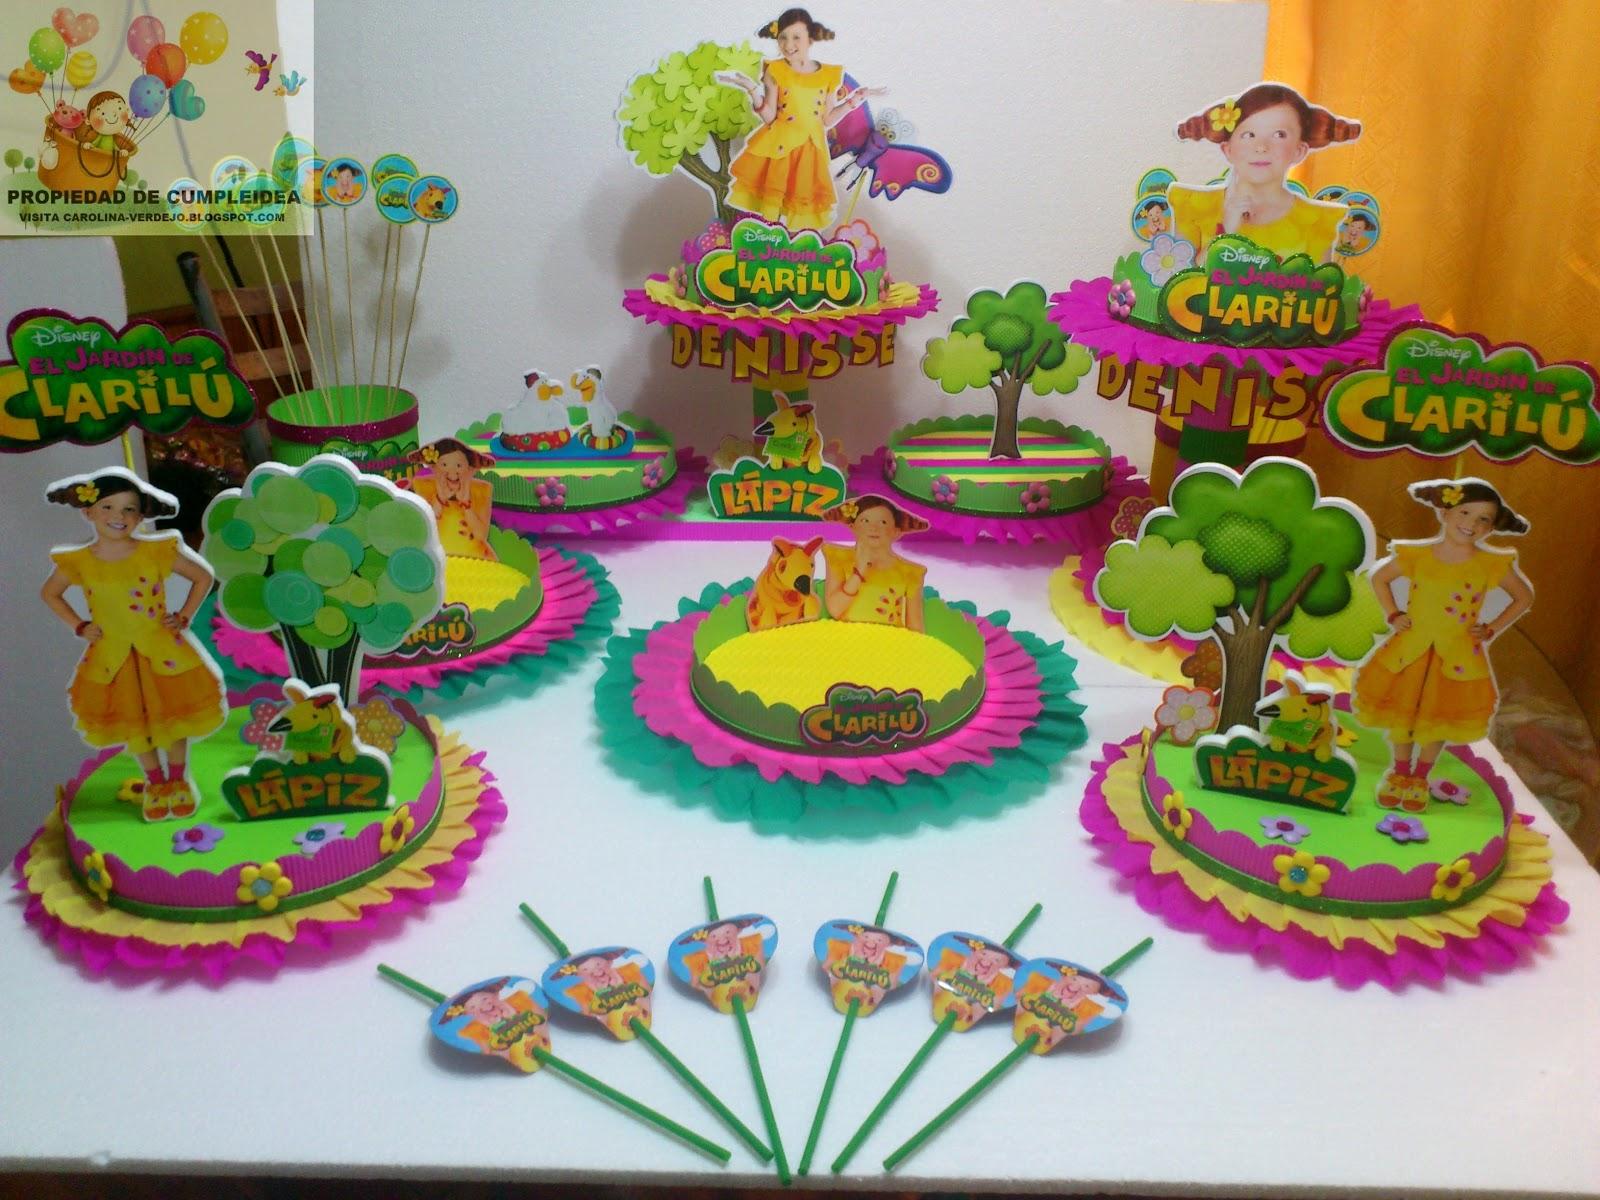 Decoraciones infantiles el jardin de clarilu for Decoracion jardin fiesta cumpleanos